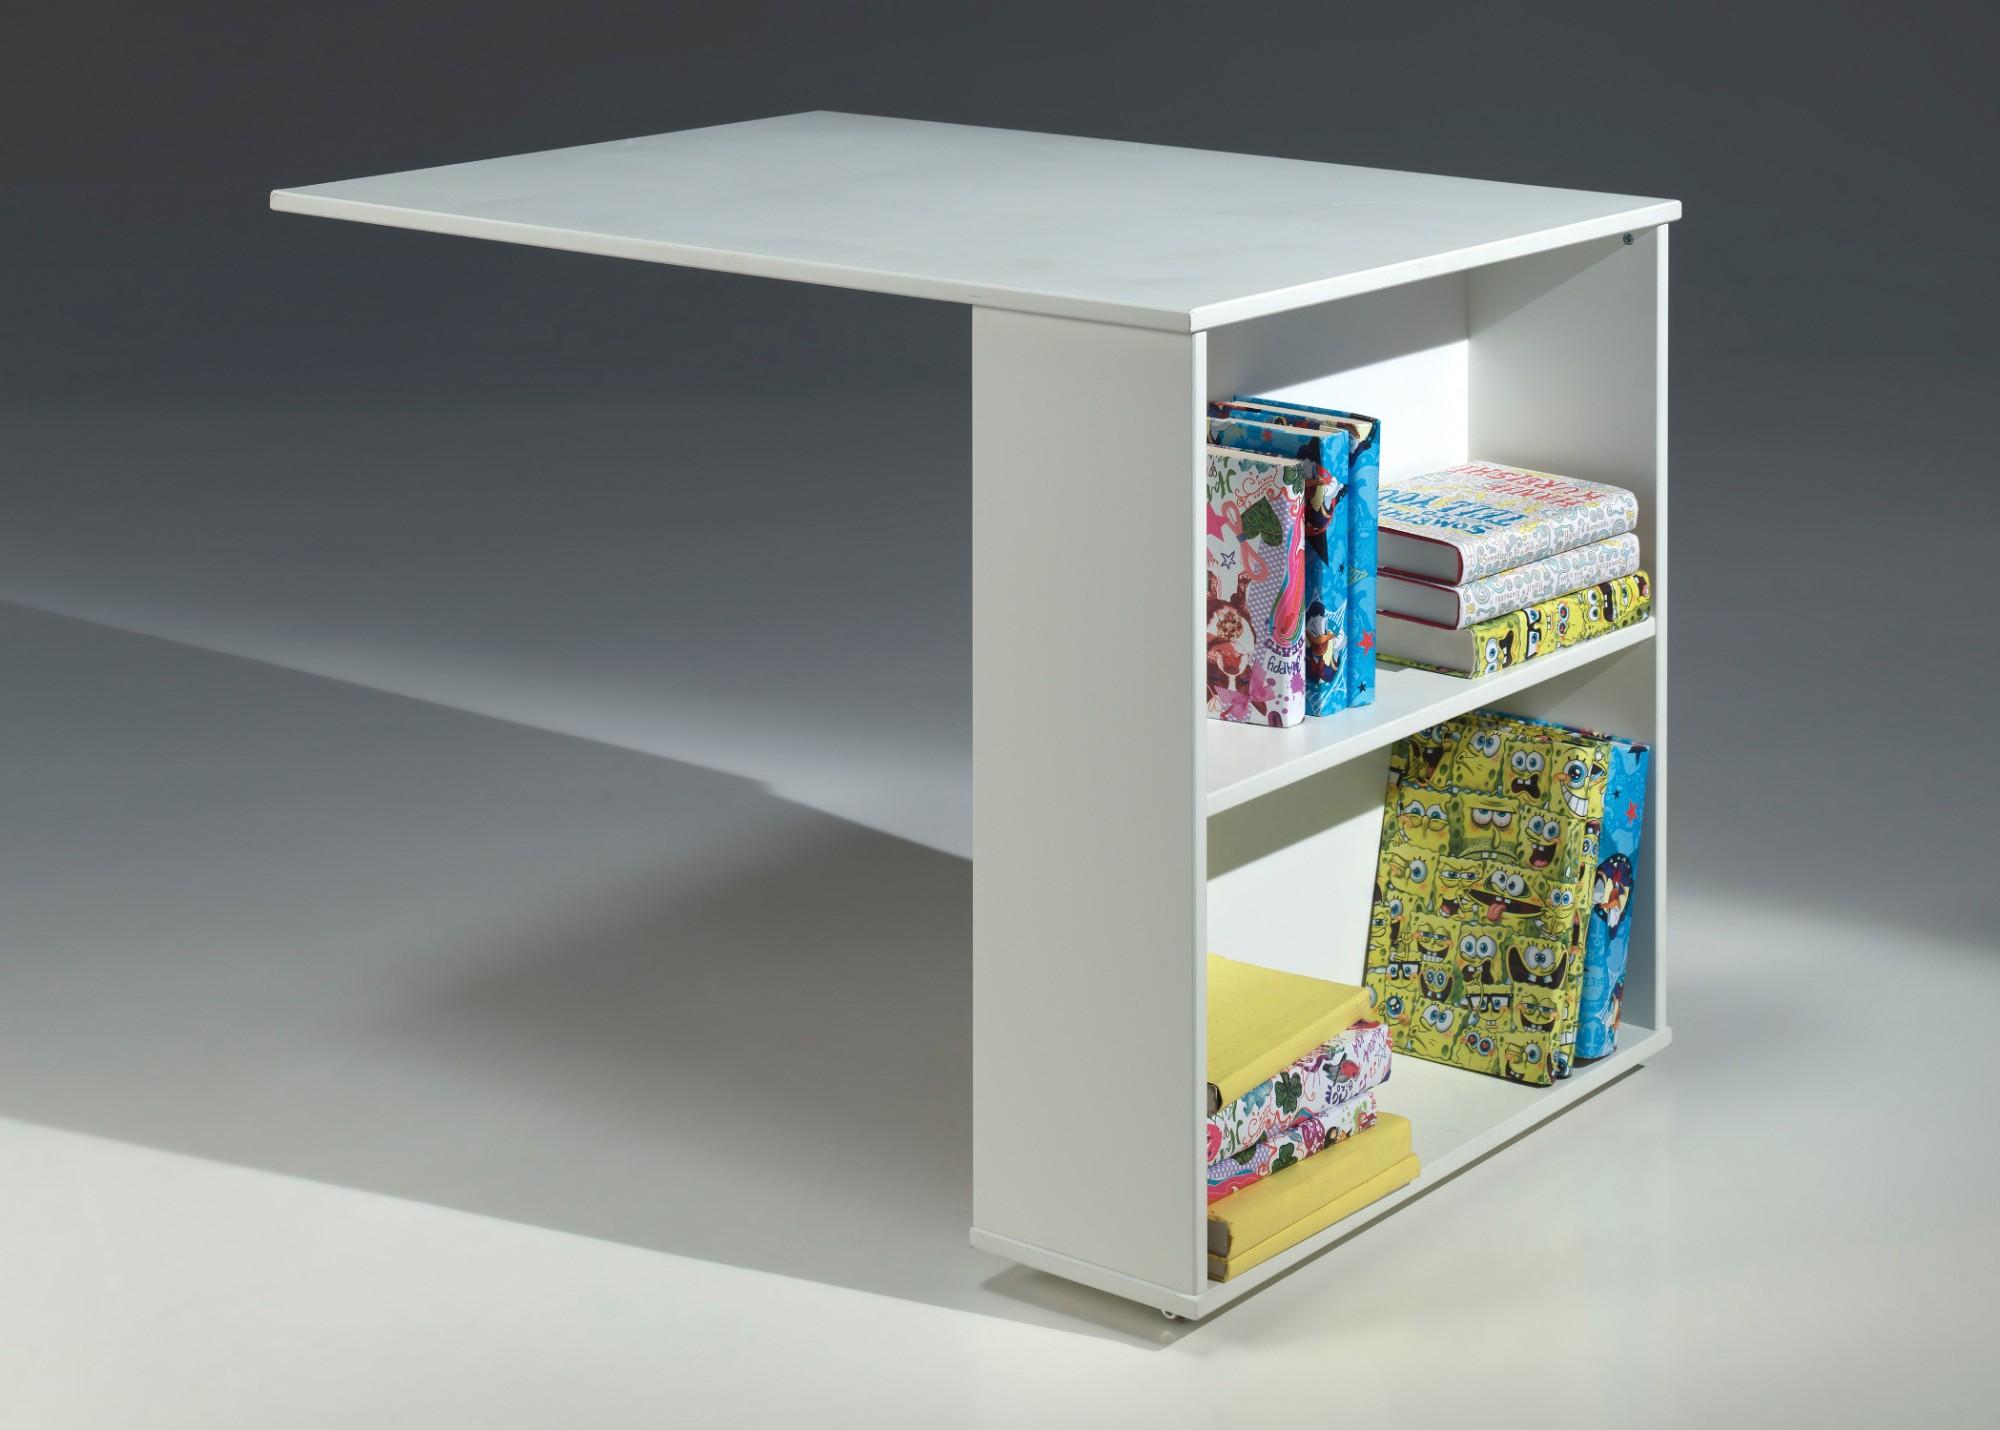 Etagenbett Mit Regal : Funktions hochbett pino mit schreibtisch und regal kiefer weiß